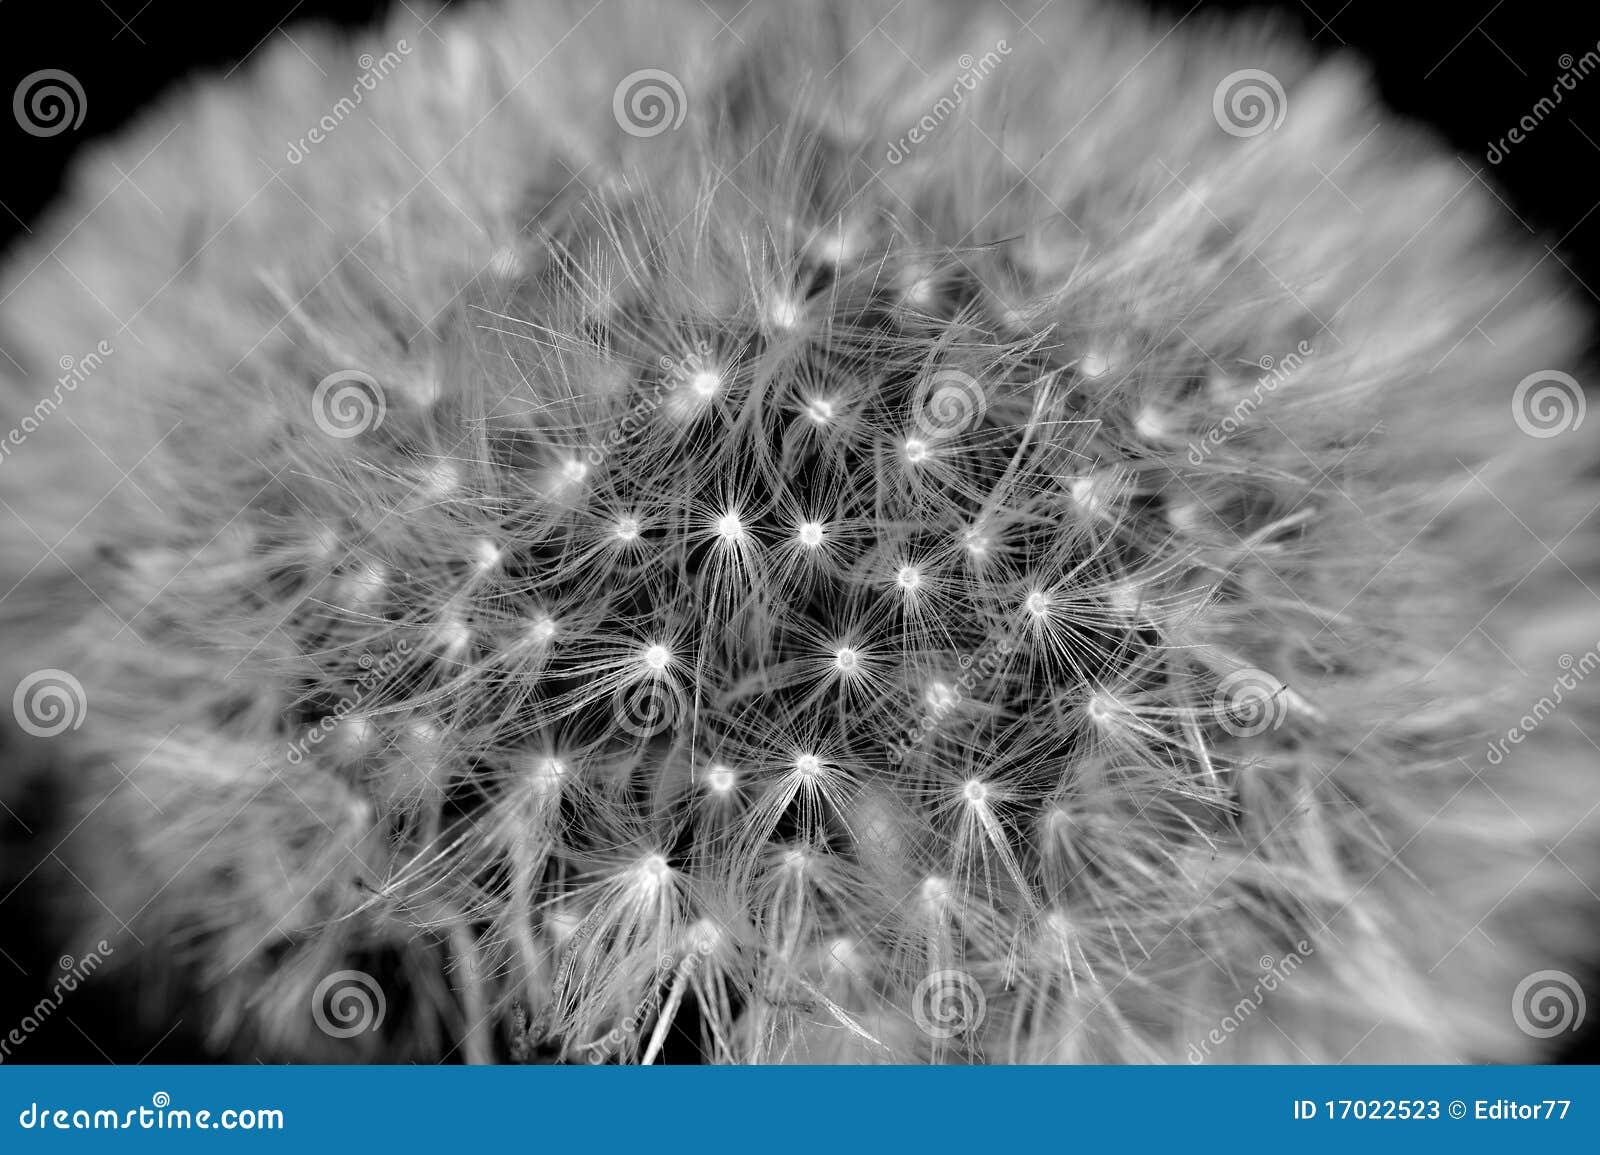 Dente di leone in bianco e nero fotografie stock for Foto alta definizione bianco e nero